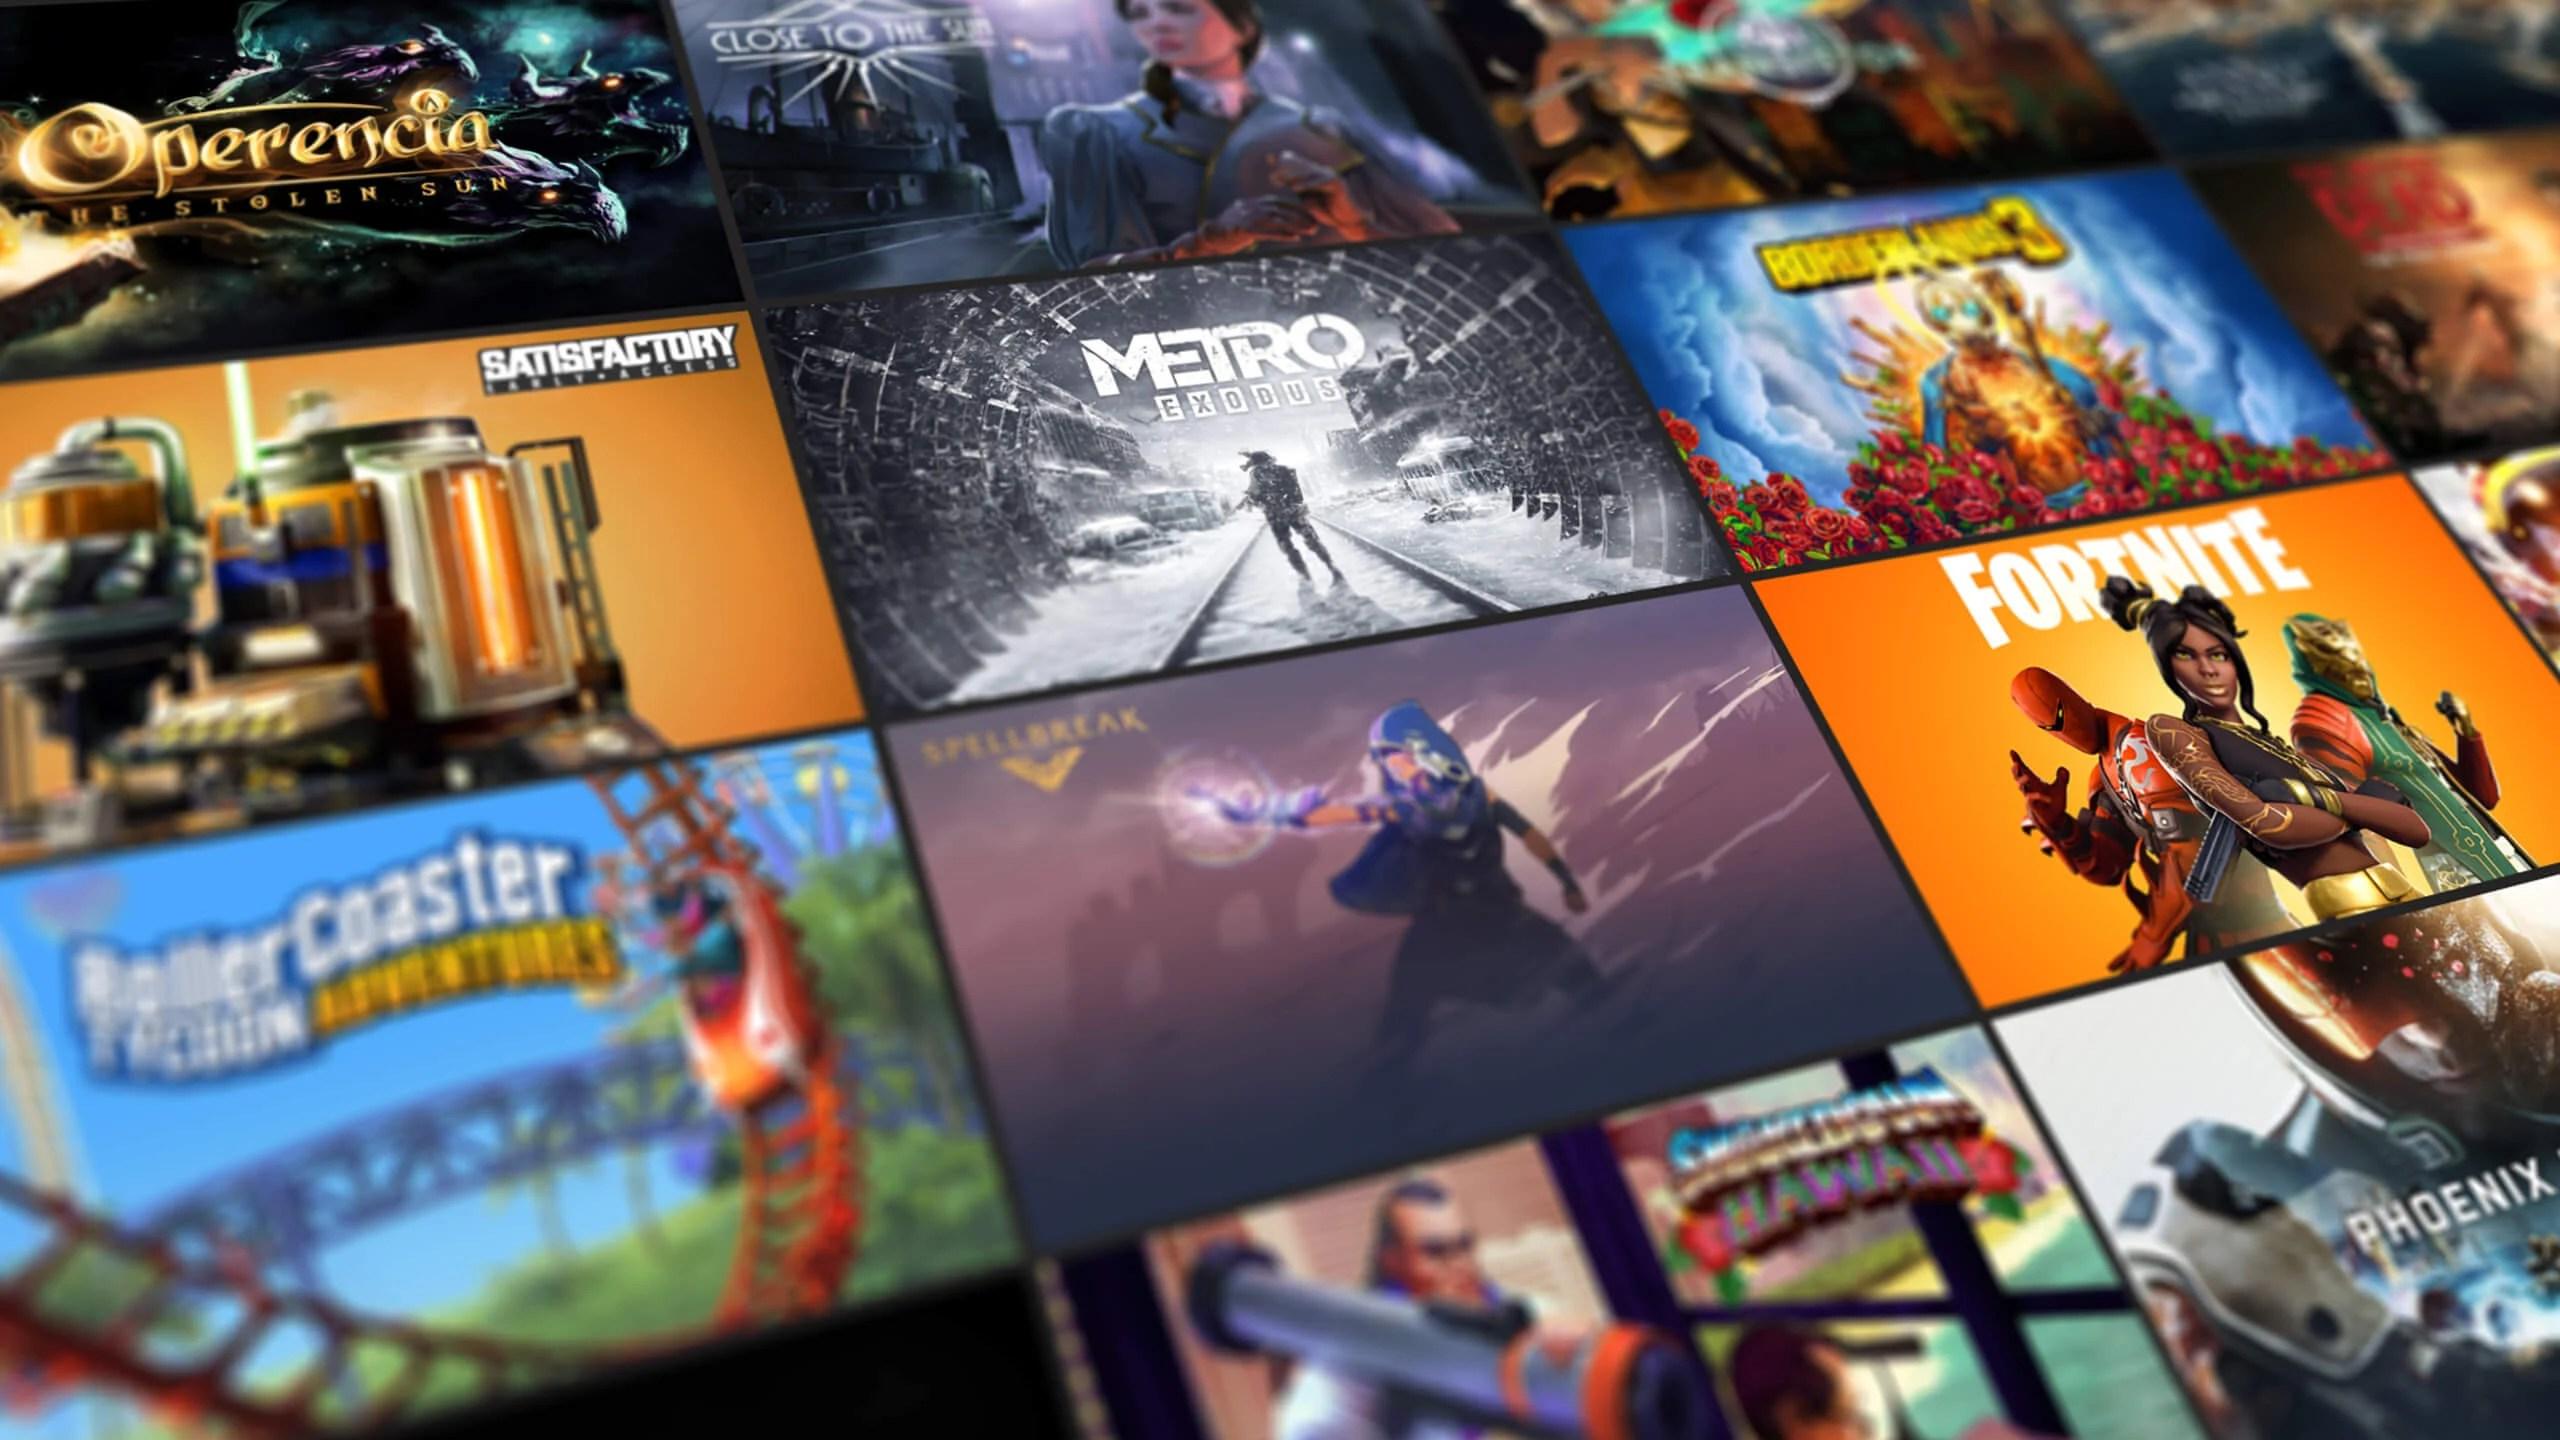 Les millions dépensés par l'Epic Games Store, l'assurance Tesla et les annonces Nvidia – Tech'spresso